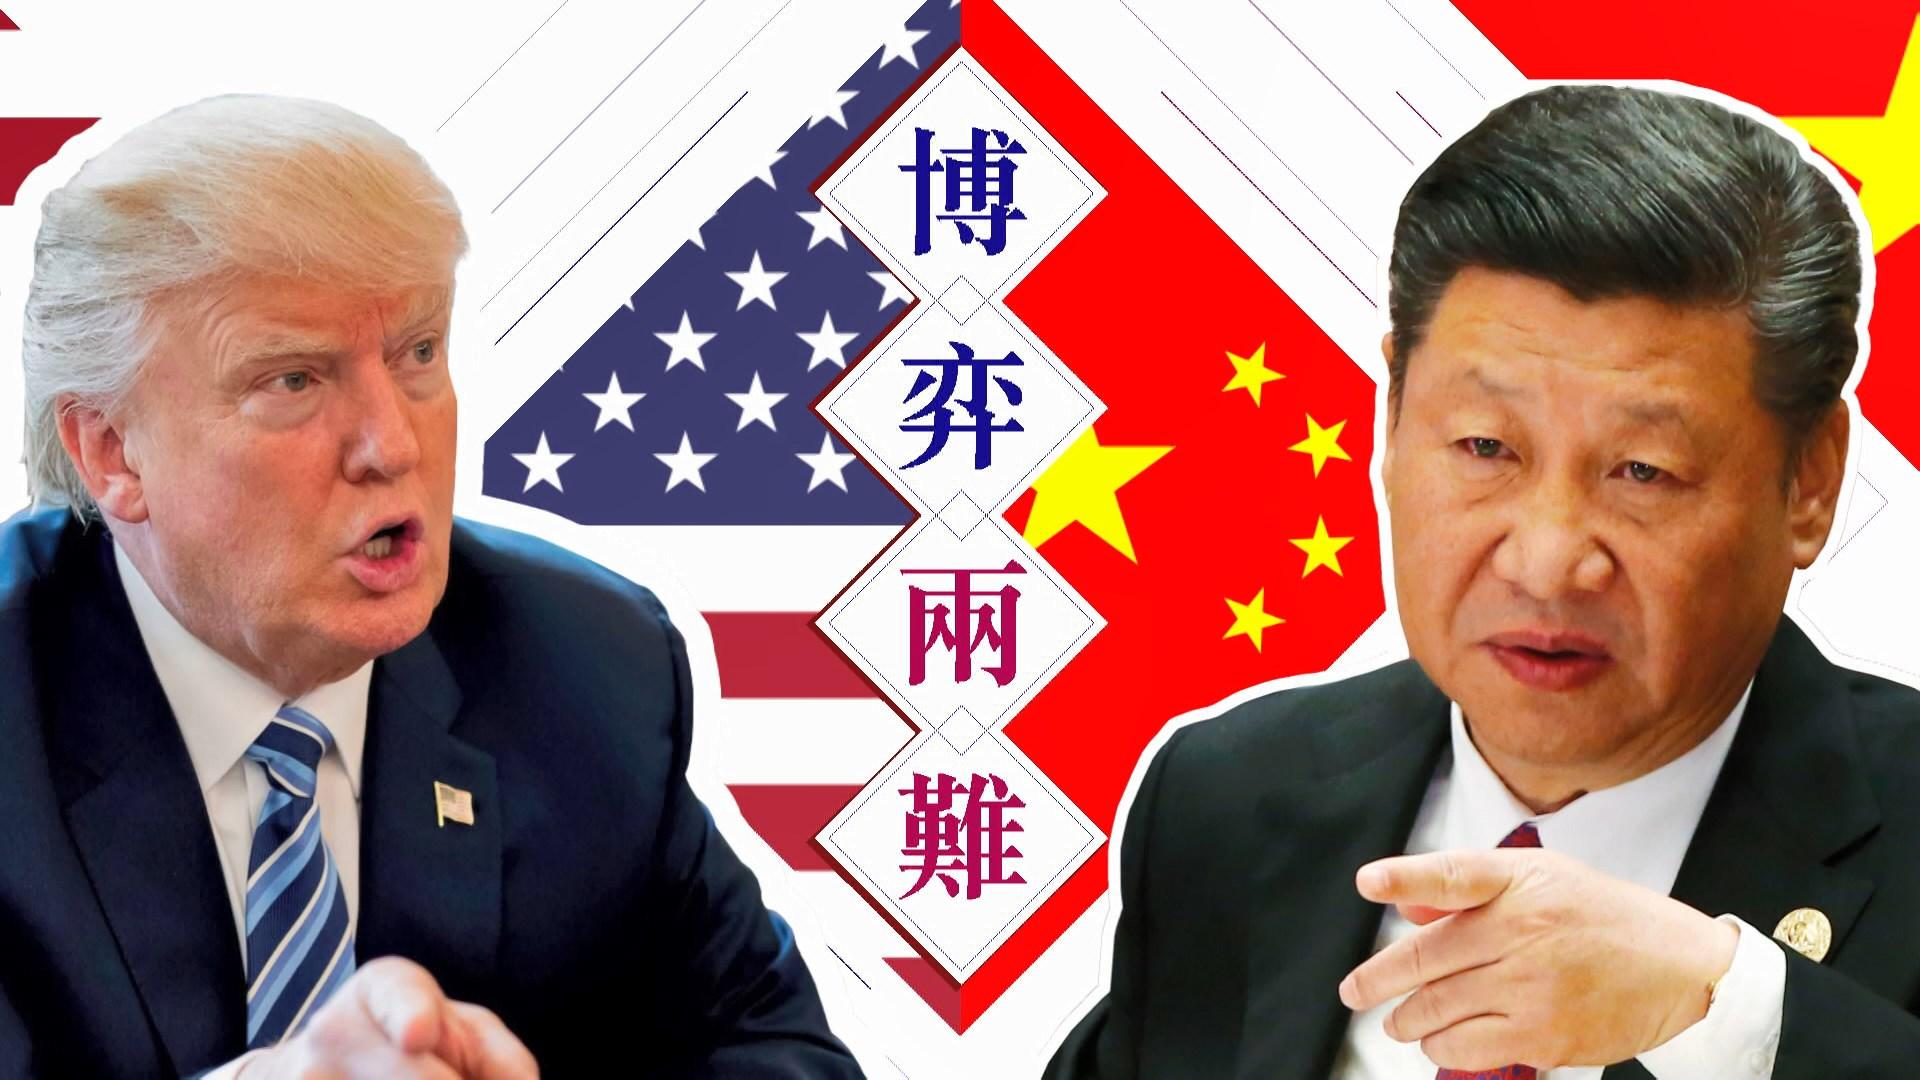 【新聞智庫】貿易戰升級 習近平陷入博弈兩難?